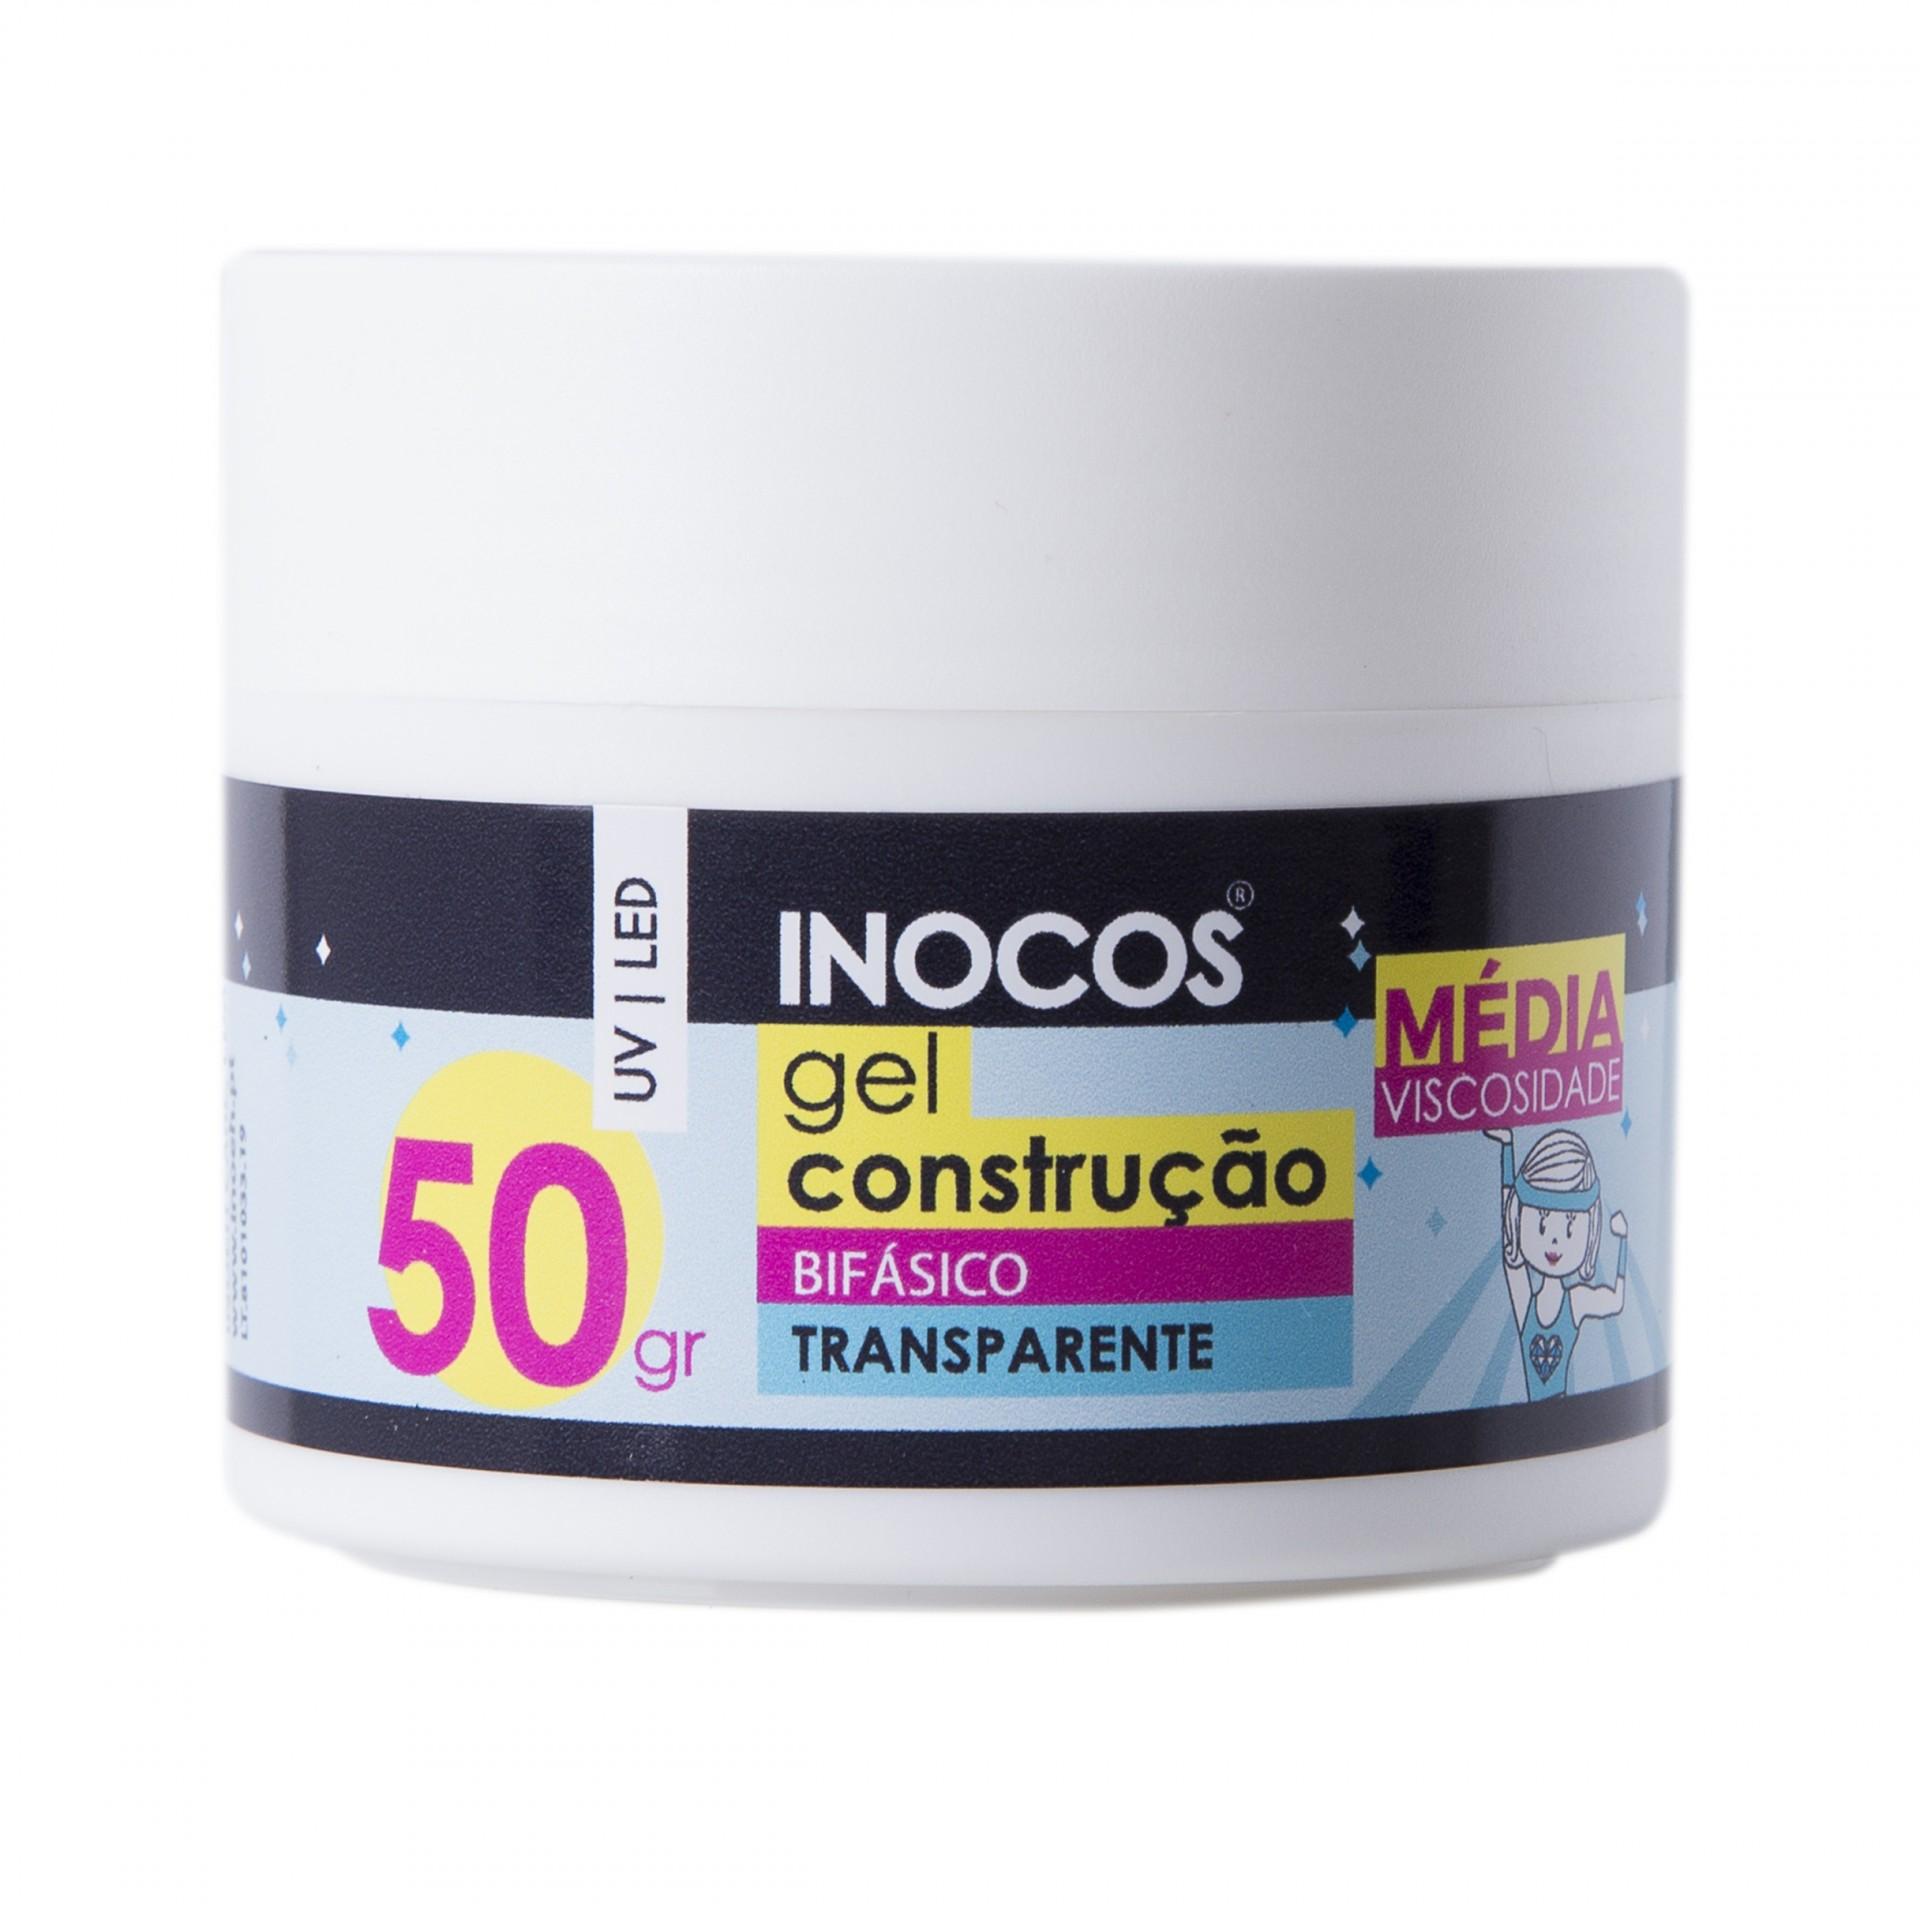 Gel Construção Inocos Média Viscosidade - Transparente 50g